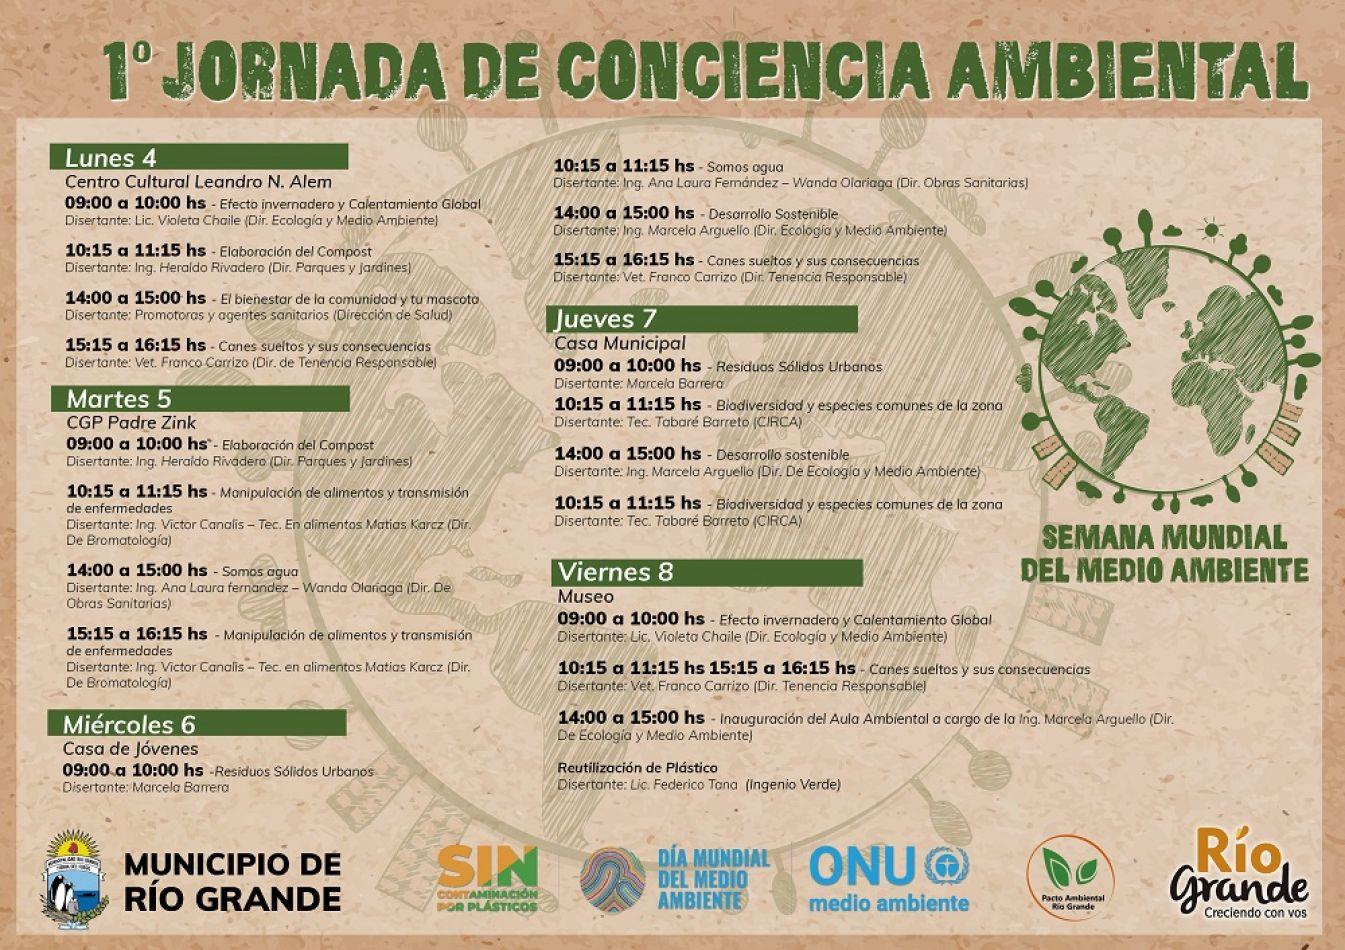 1° Jornada de Conciencia Ambiental